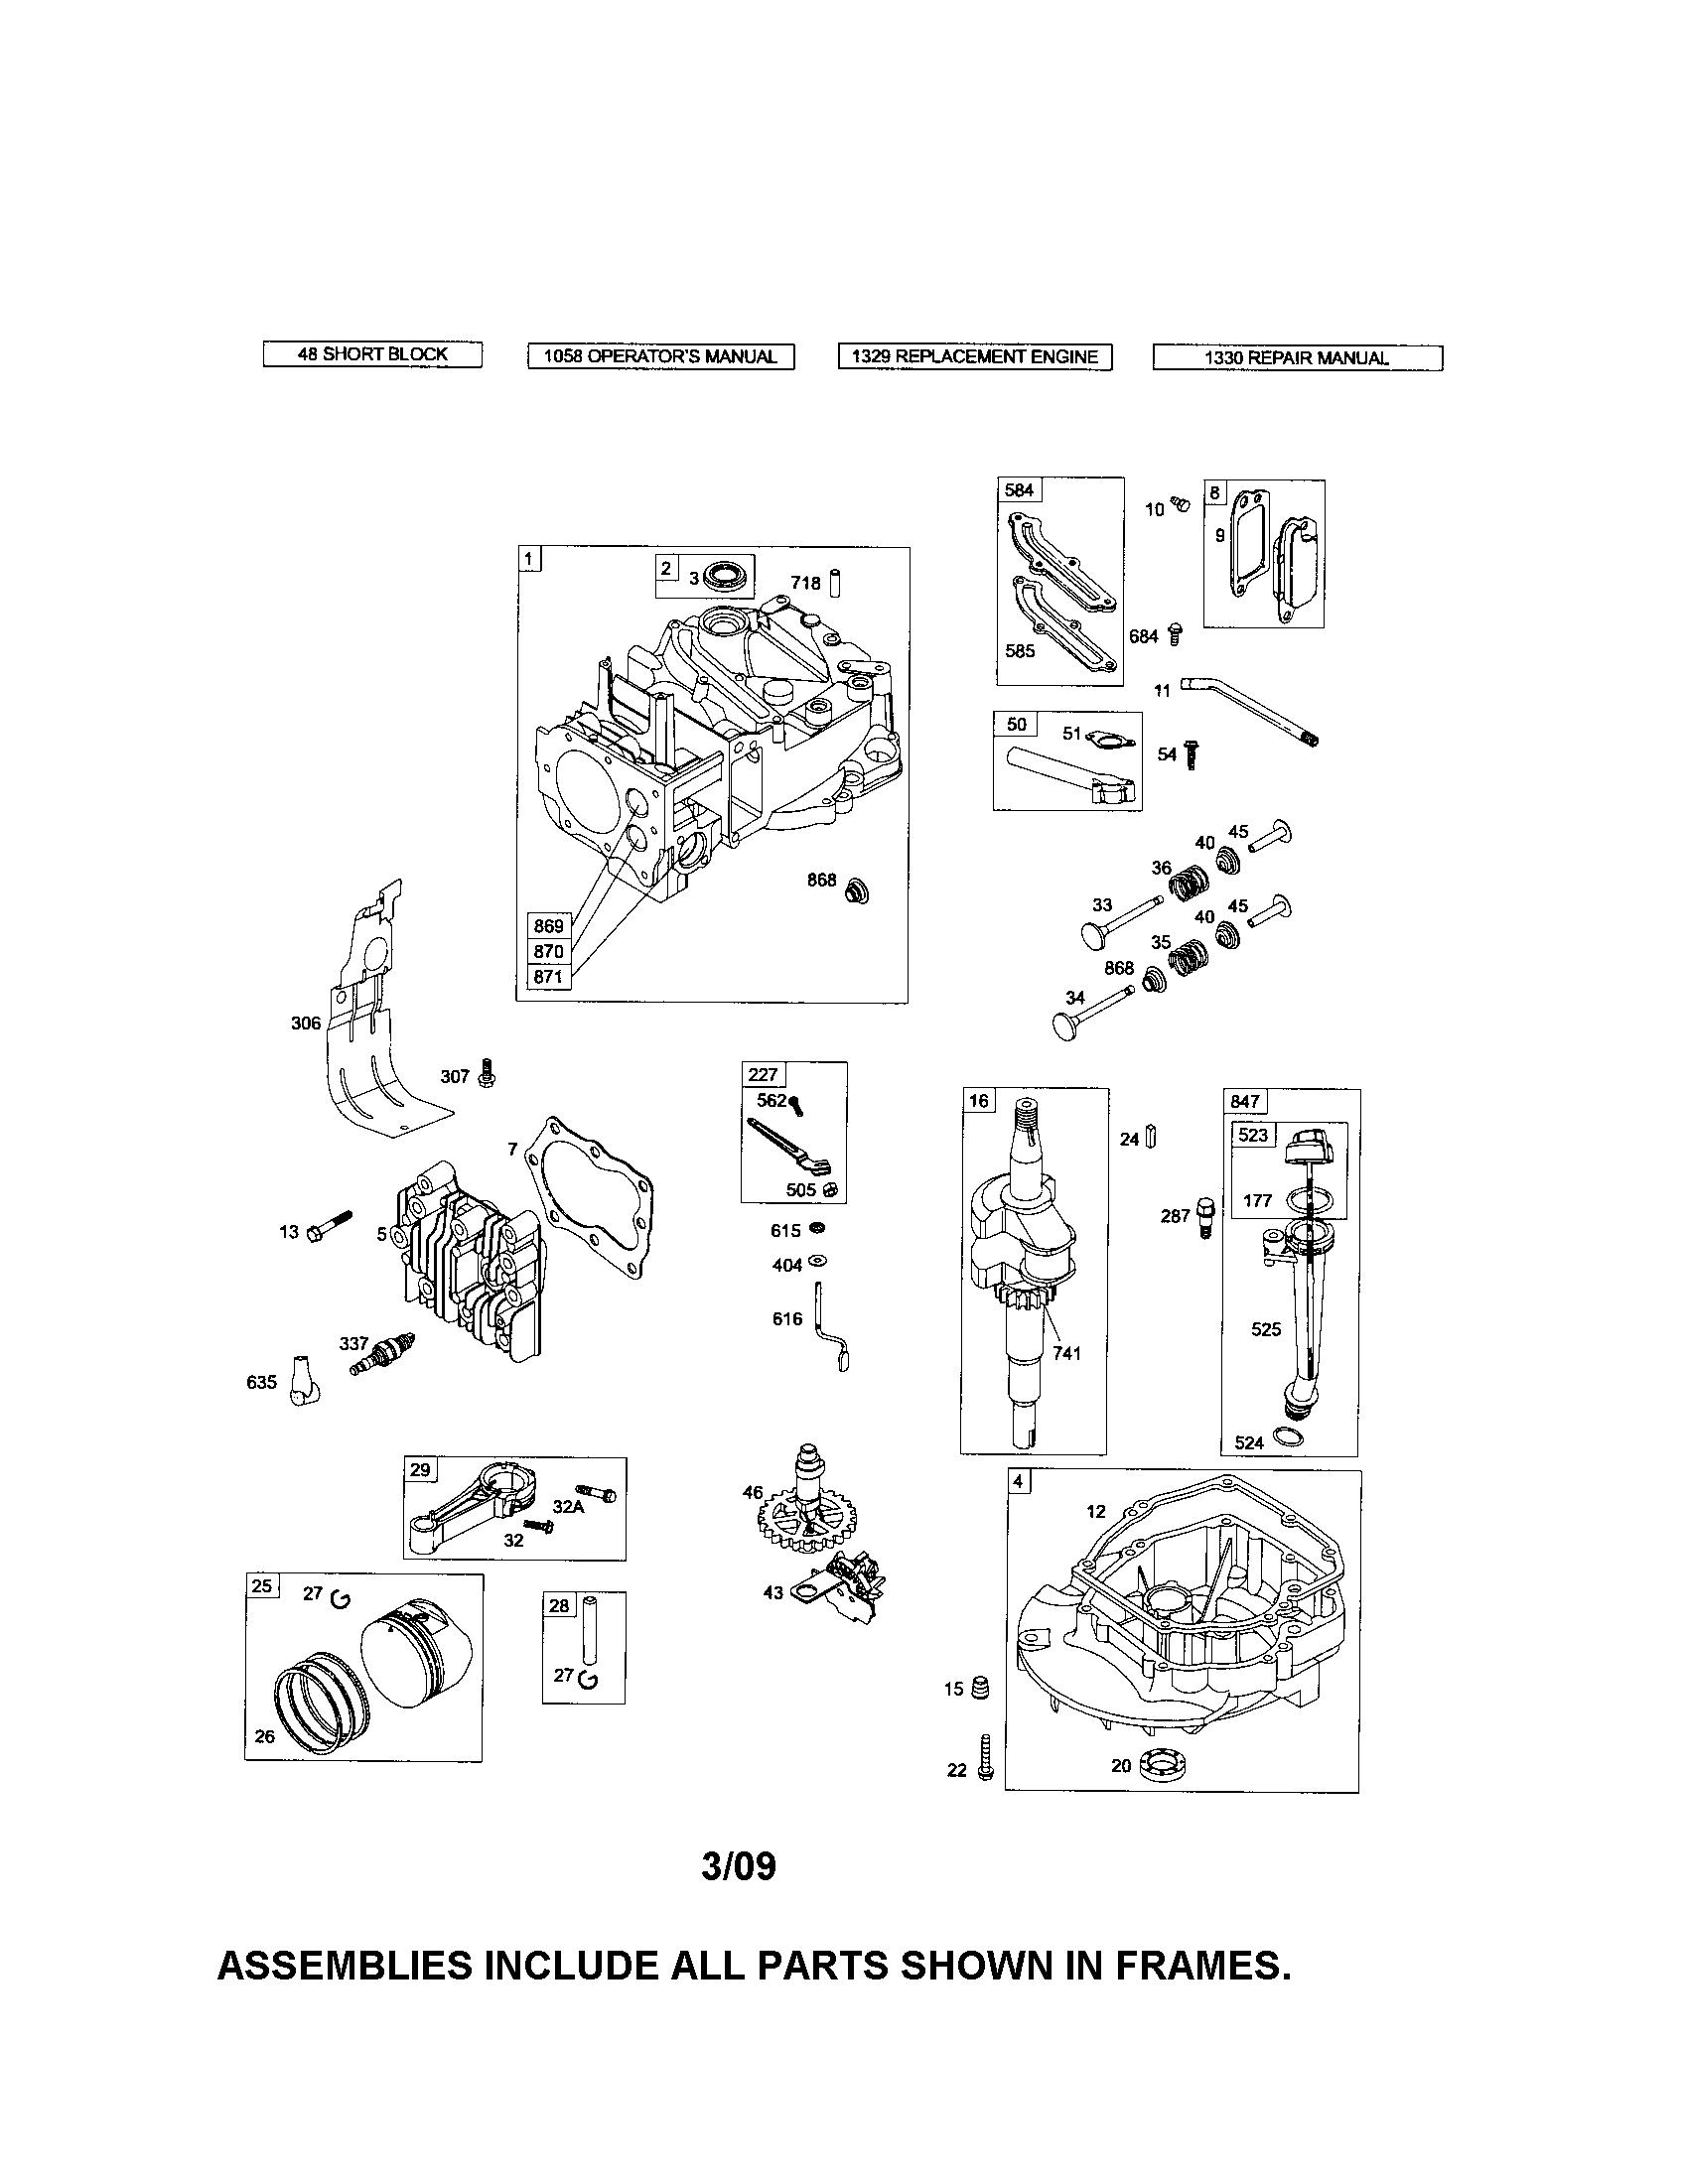 Briggs-Stratton model 126T02-1350-B1 engine genuine parts